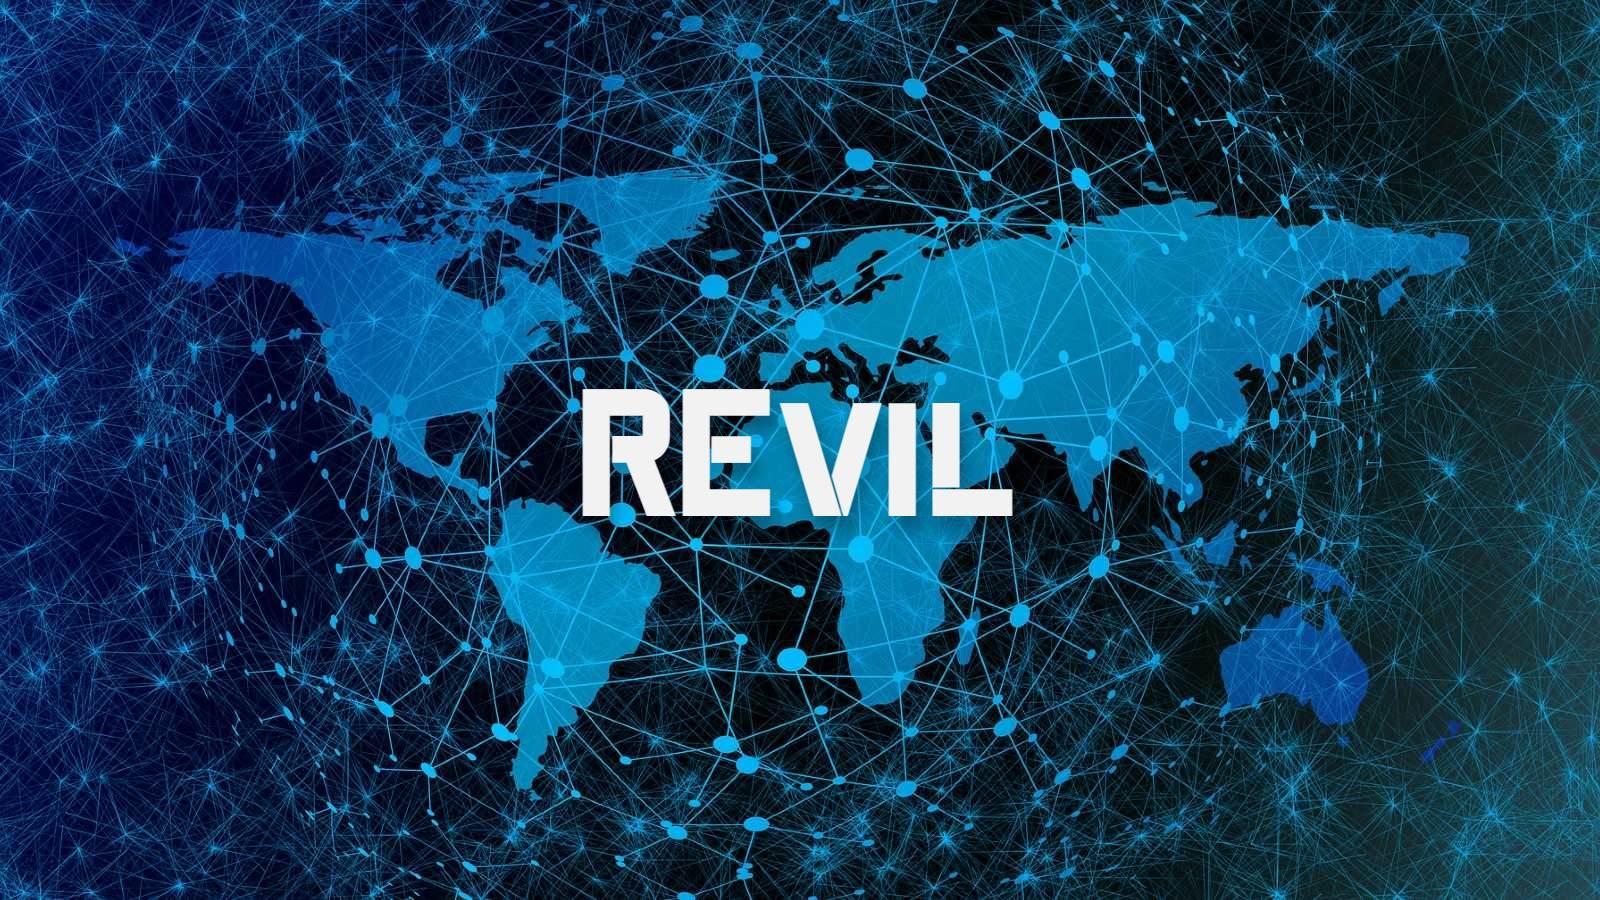 فايروس الفدية REvil وكيفية فك تشفير الملفات المصابة